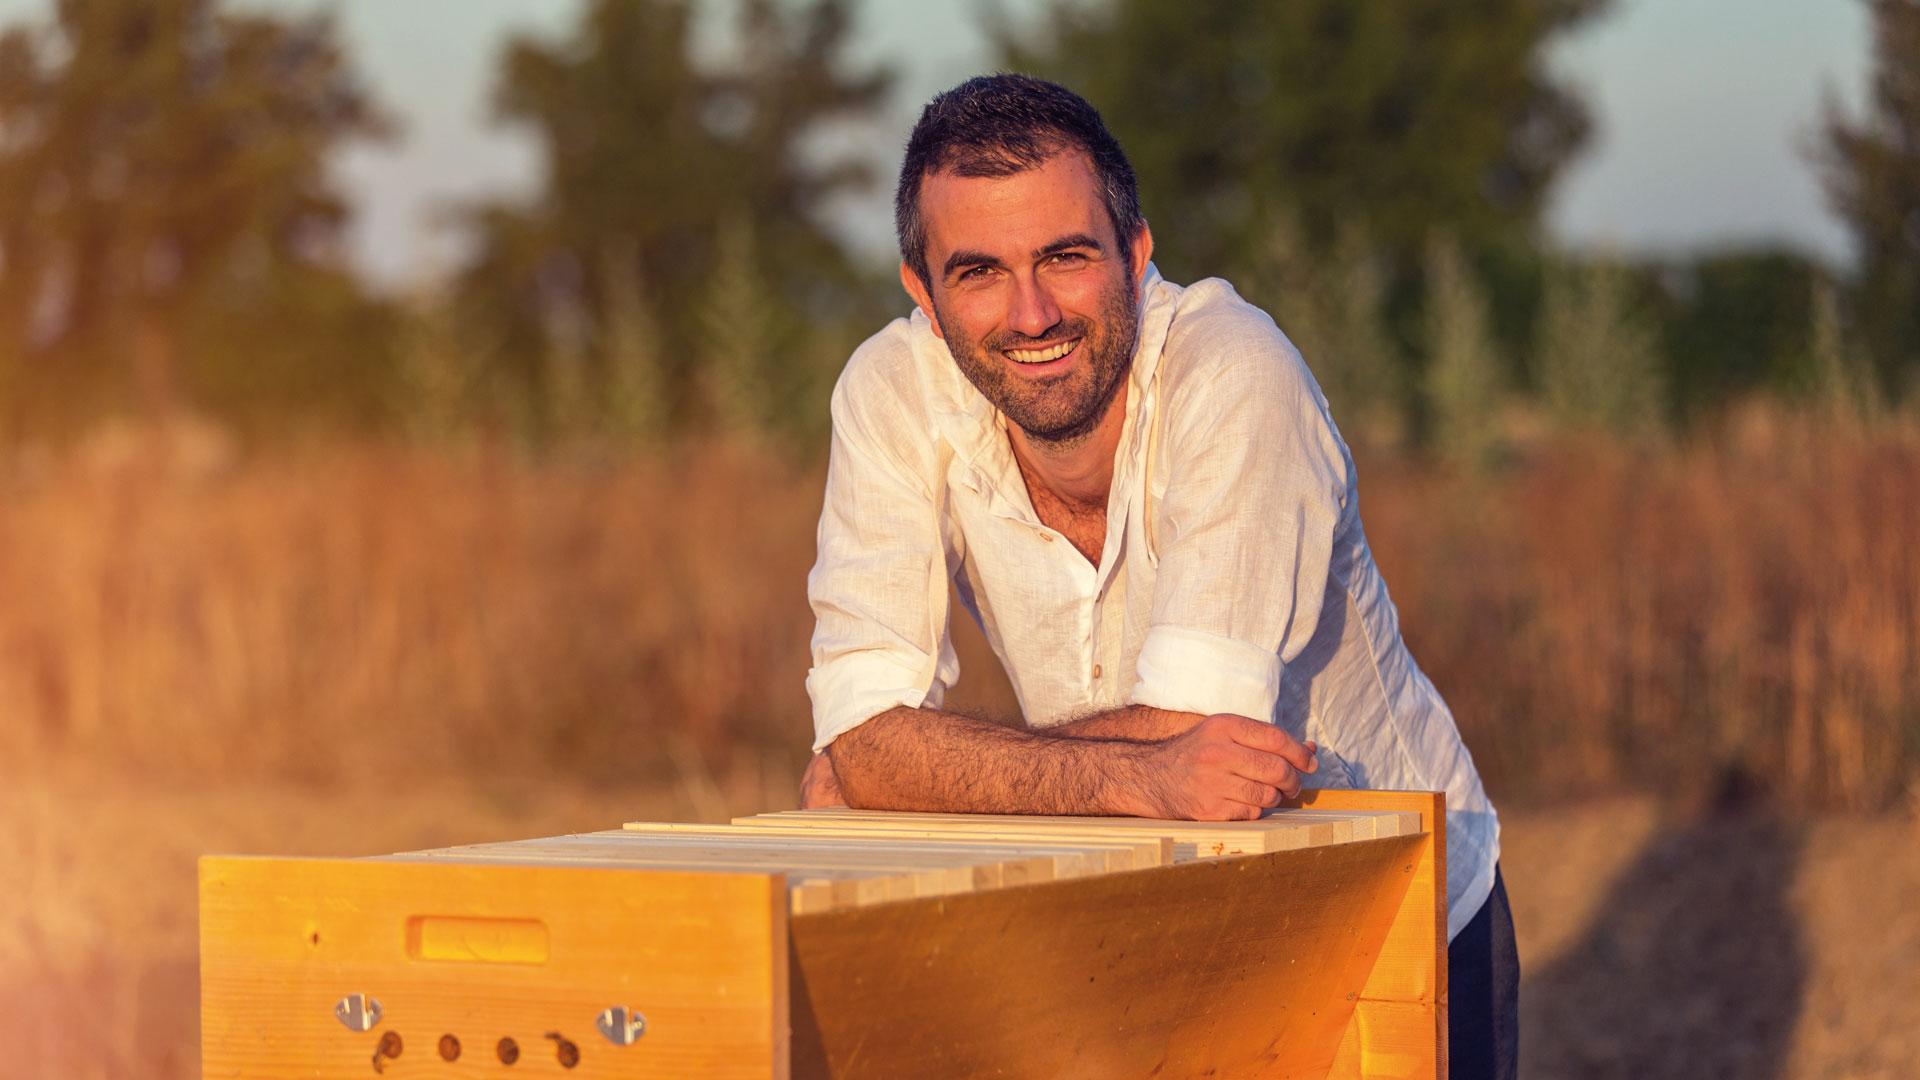 Fatevobees-03_miele-in-favo-apicoltori-pino-fattori